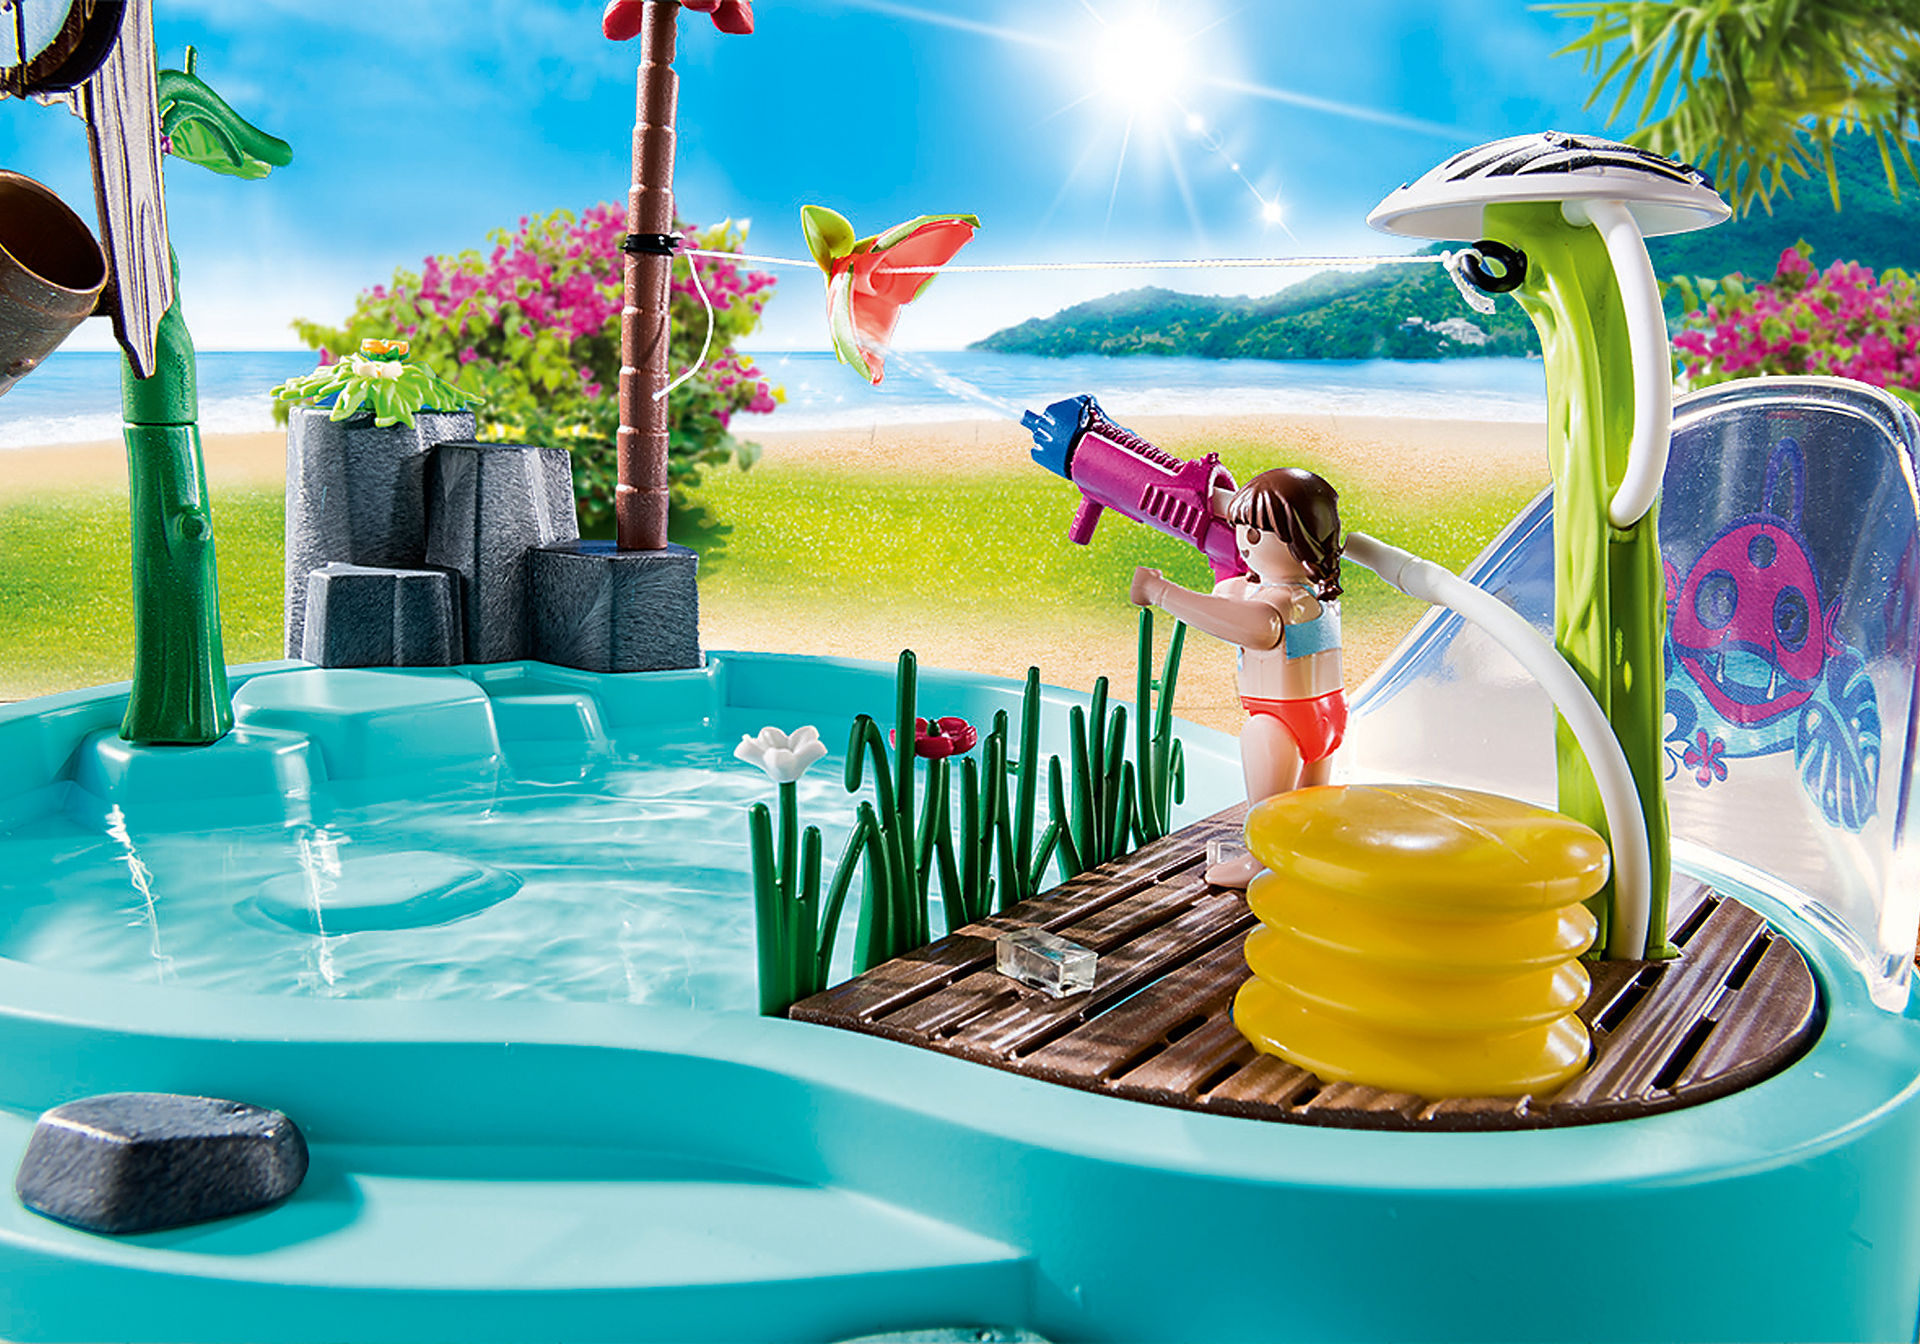 70610 Spaßbecken mit Wasserspritze zoom image5